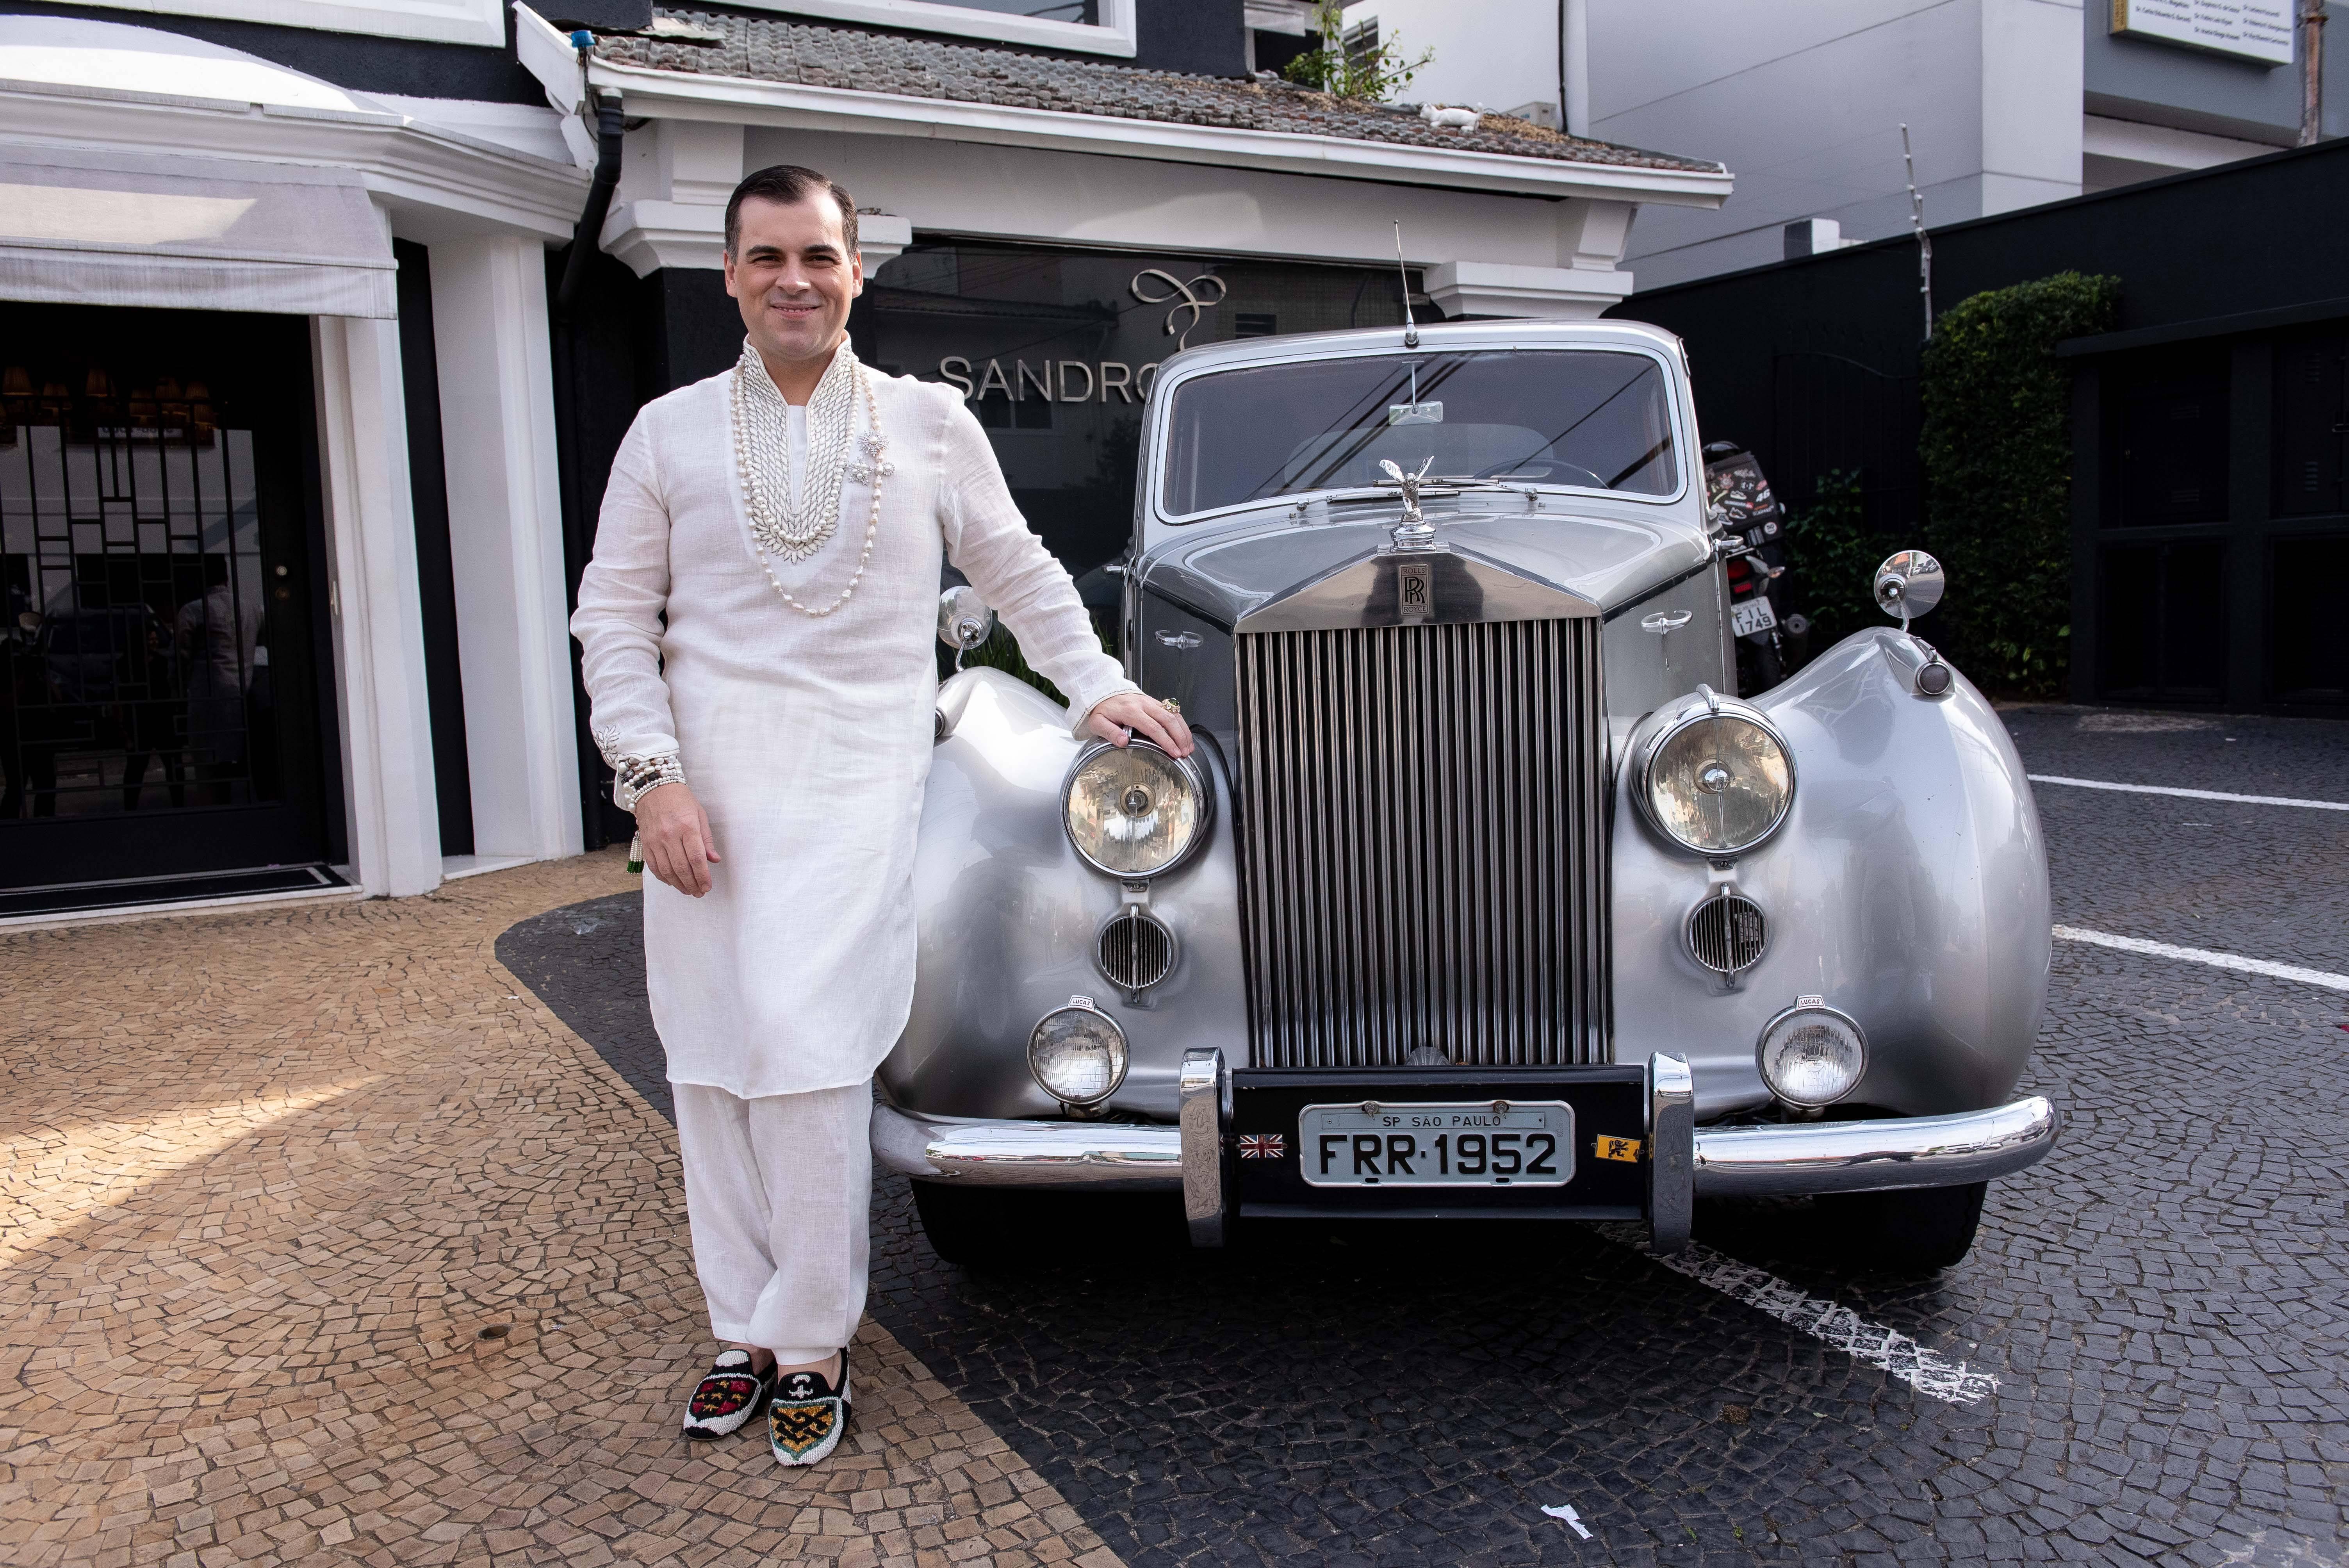 Sandro Barros providenciou de surpresa um Rolls-Royce antigo / Foto: Lu Prezia